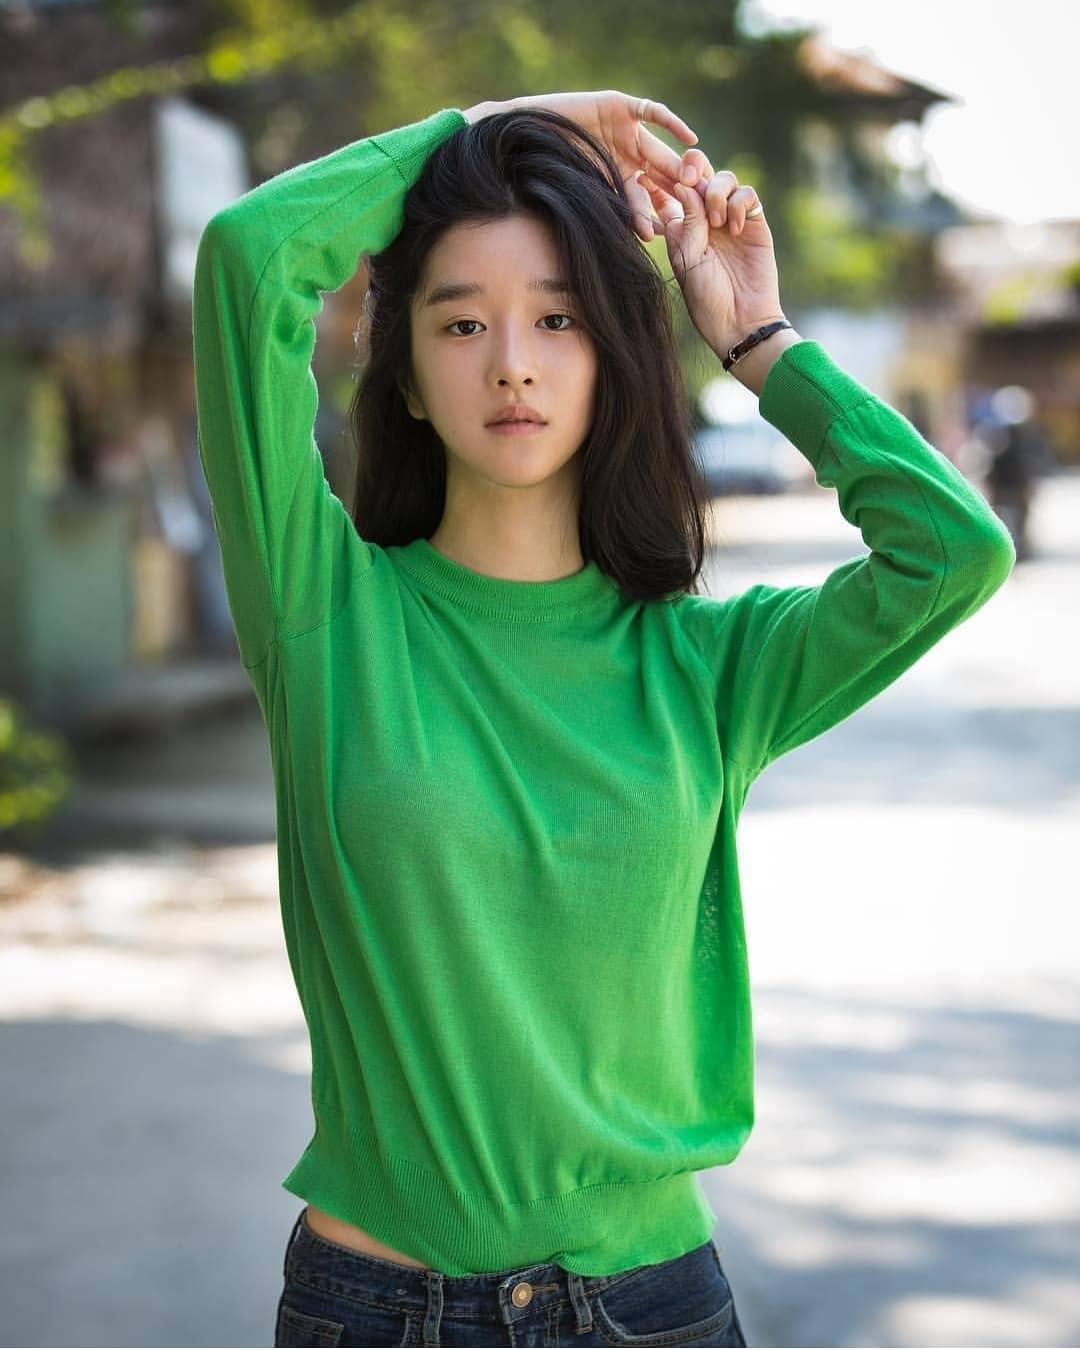 她们都30岁了?朴信惠、朴宝英,这些1990年出生的韩国女星,你都认识吗?插图9